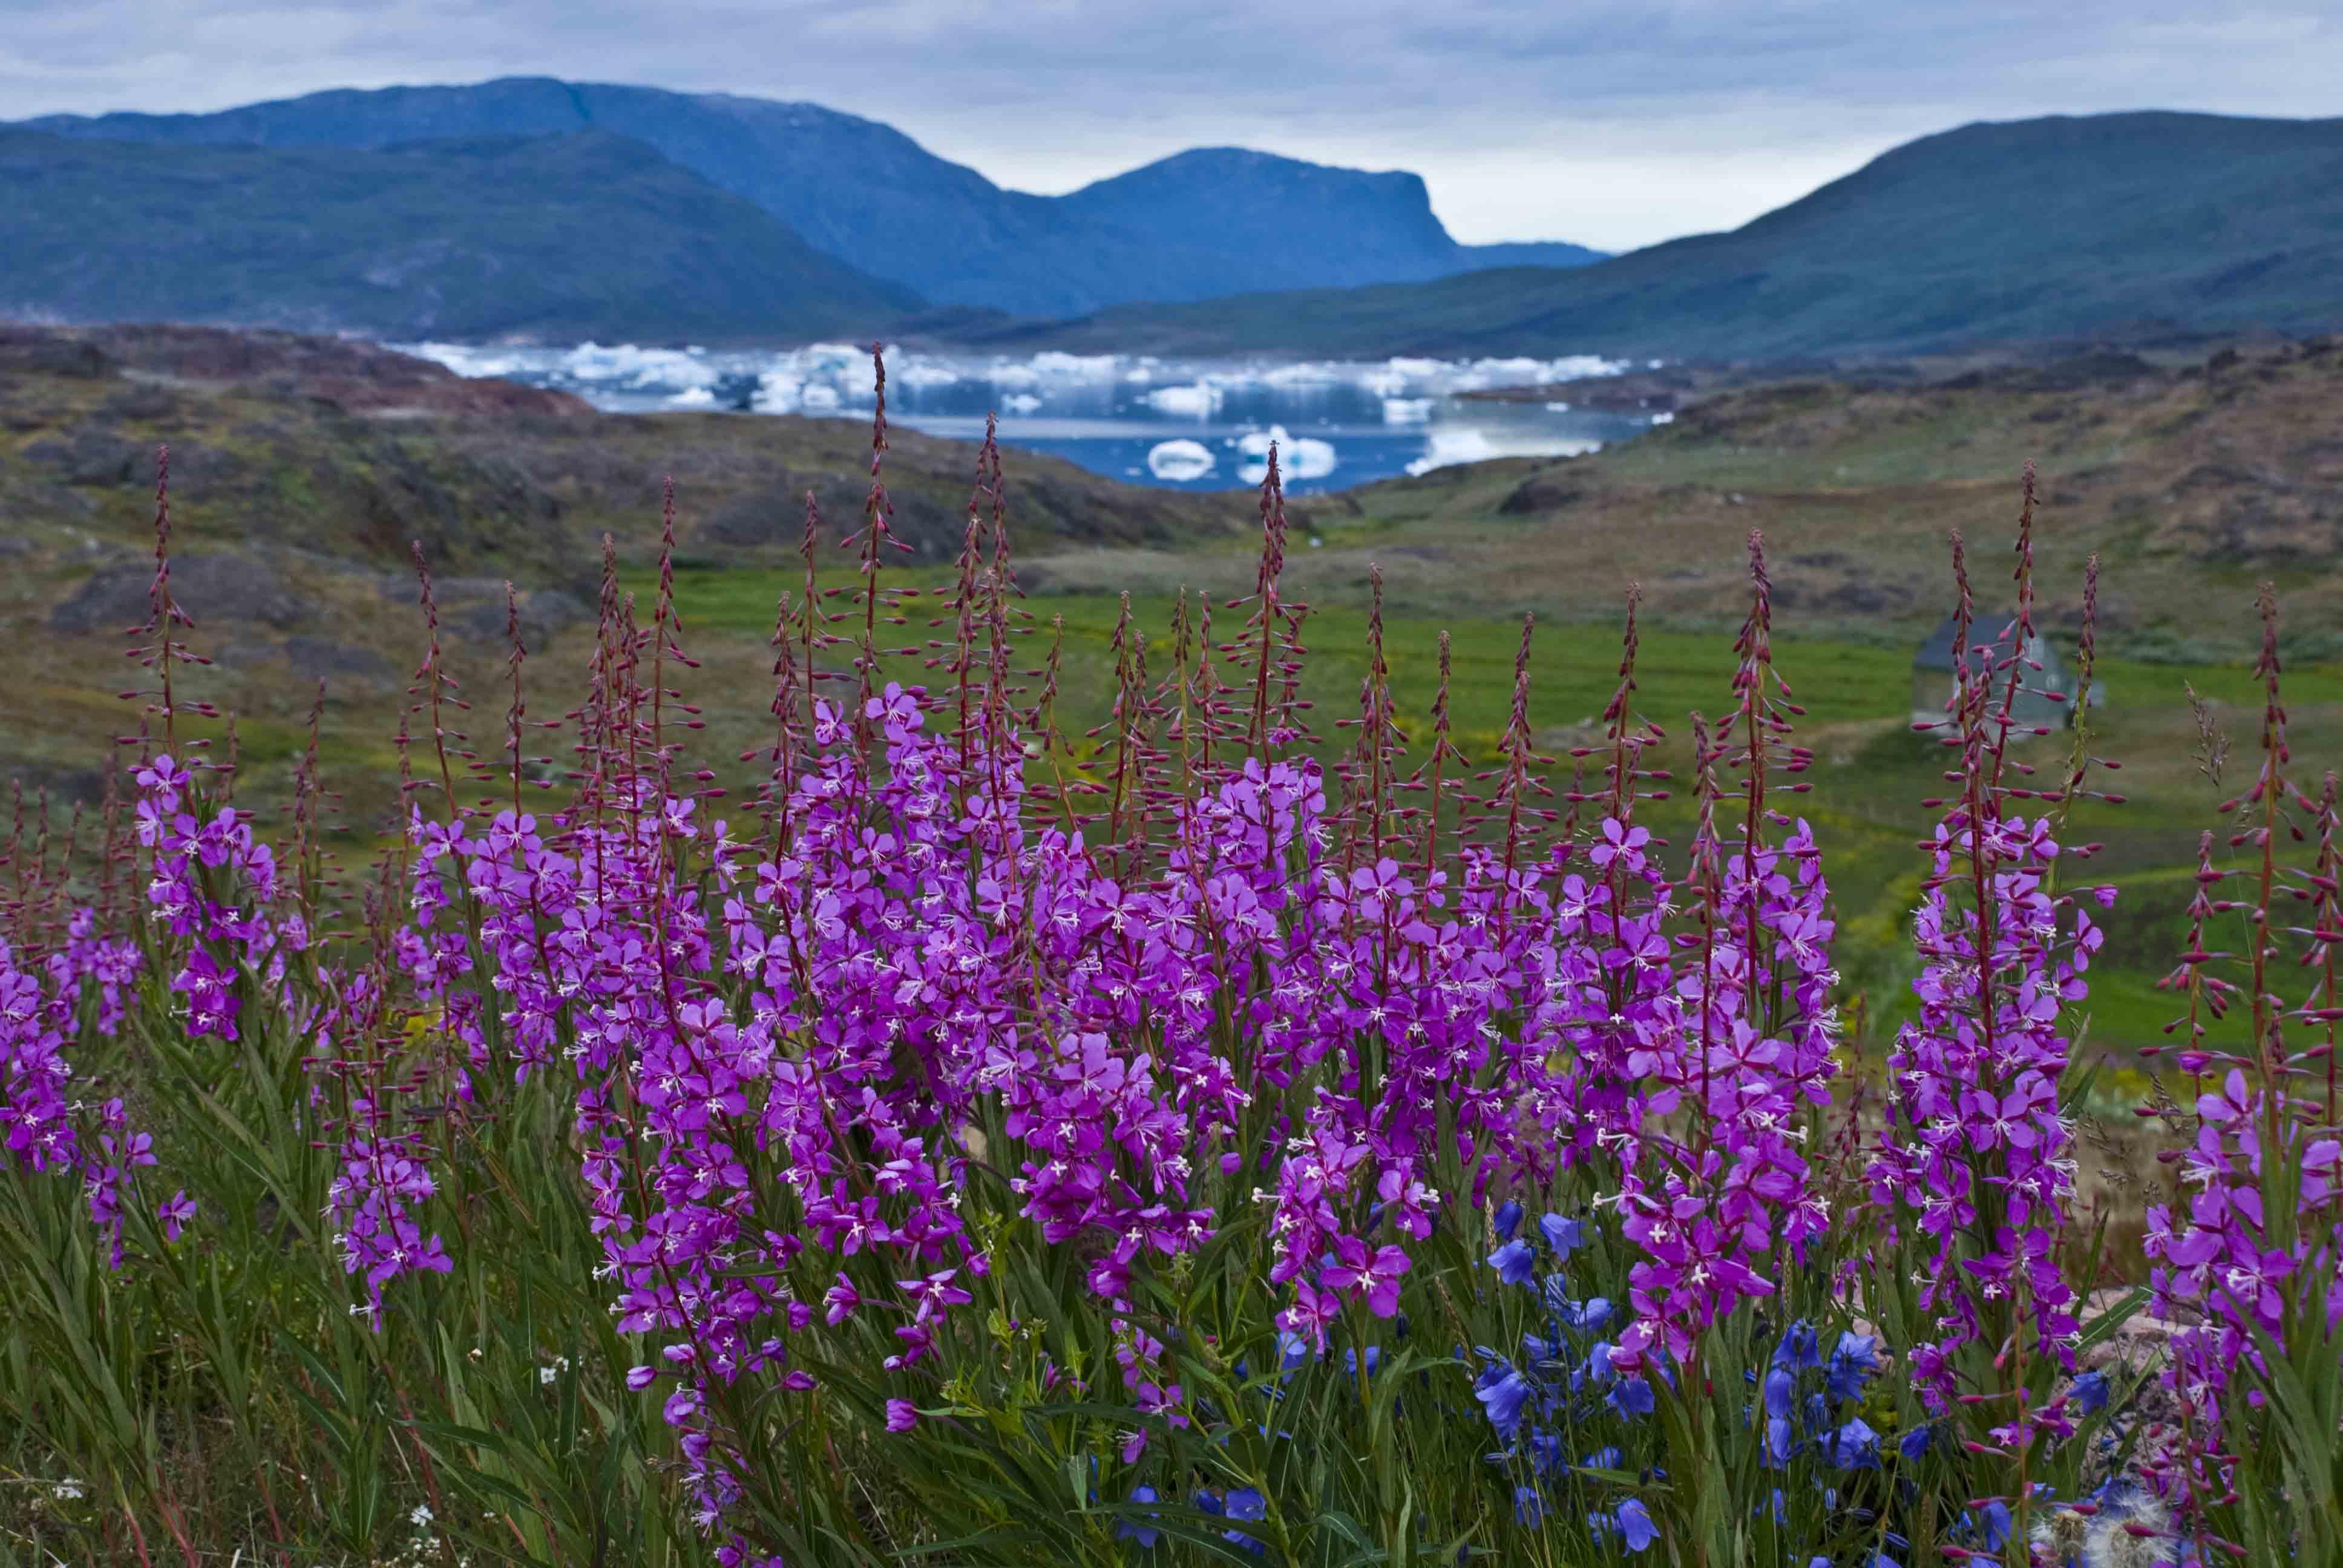 Juan Carlos Orihuel Gómez – Fotos del viaje Maravillas de Groenlandia